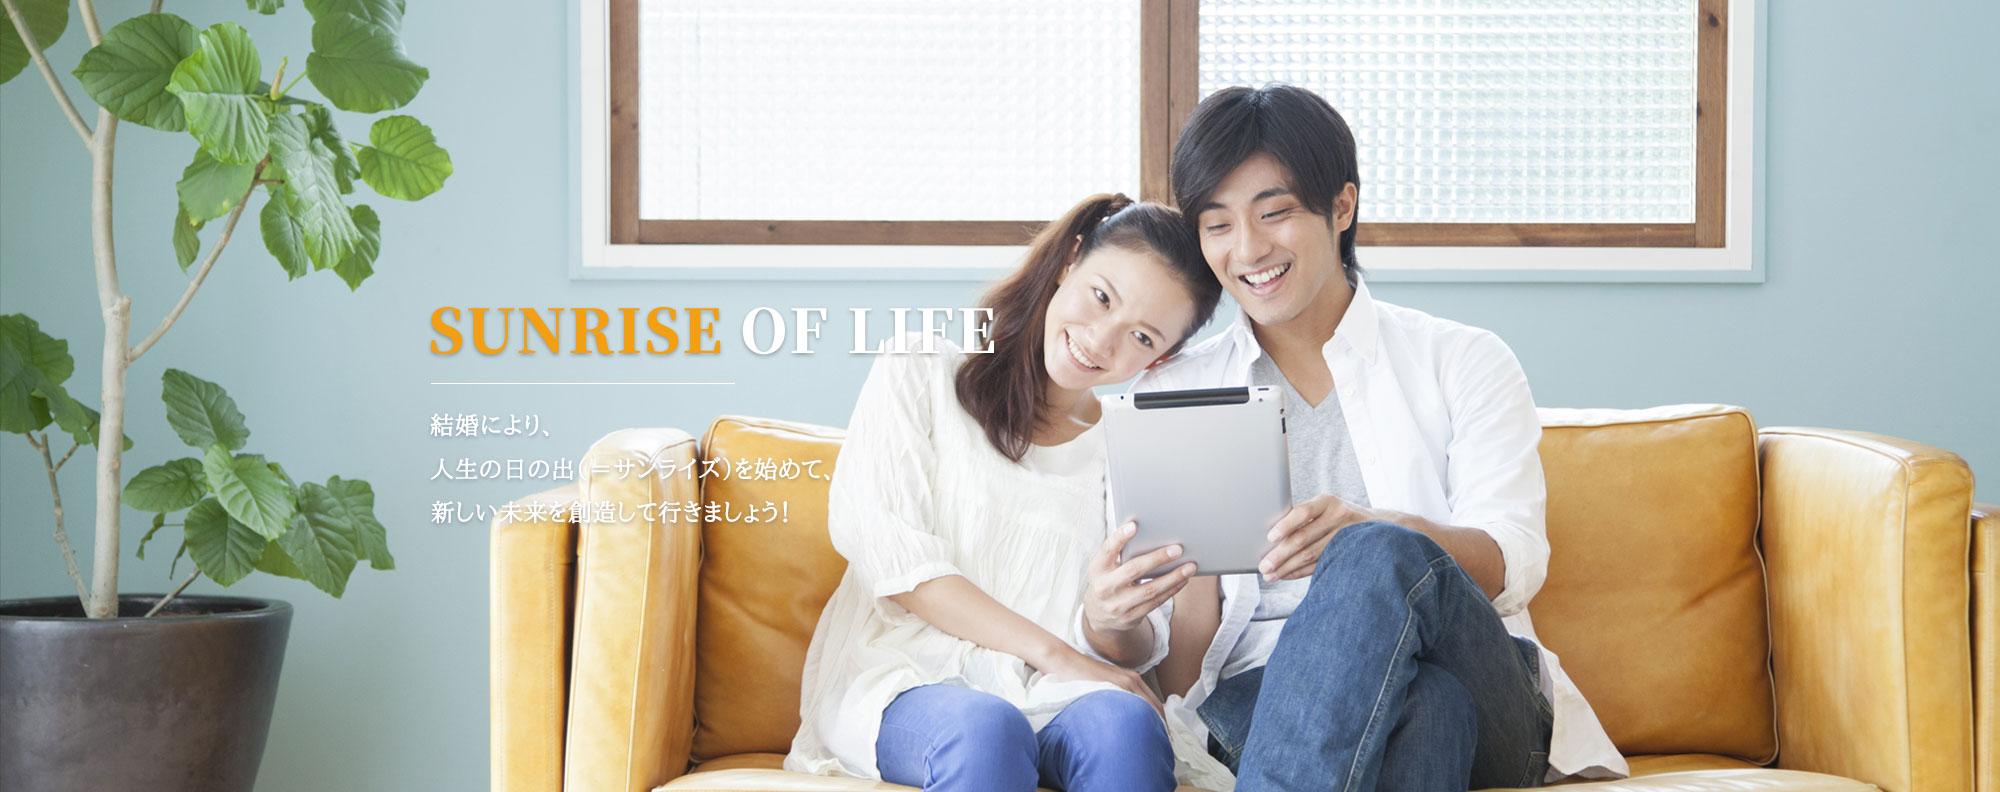 結婚により、人生の日の出(=サンライズ)を始めて、新しい未来を創造して行きましょう!